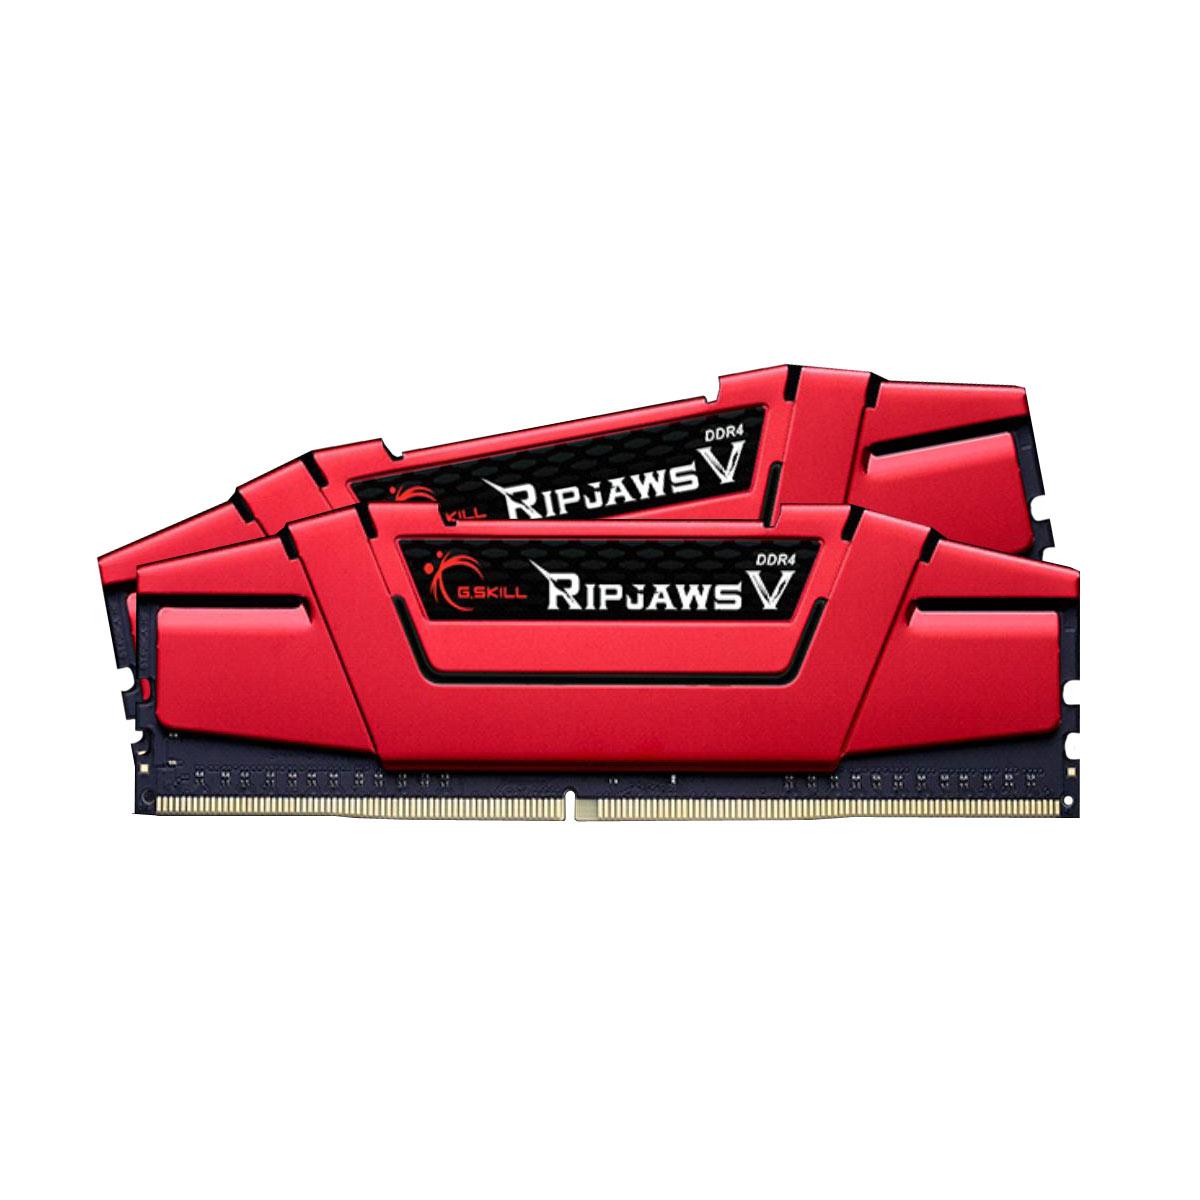 Mémoire PC G.Skill RipJaws 5 Series Rouge 8 Go (2x 4 Go) DDR4 2400 MHz CL17 Kit Dual Channel 2 barrettes de RAM DDR4 PC4-19200 - F4-2400C17D-8GVR